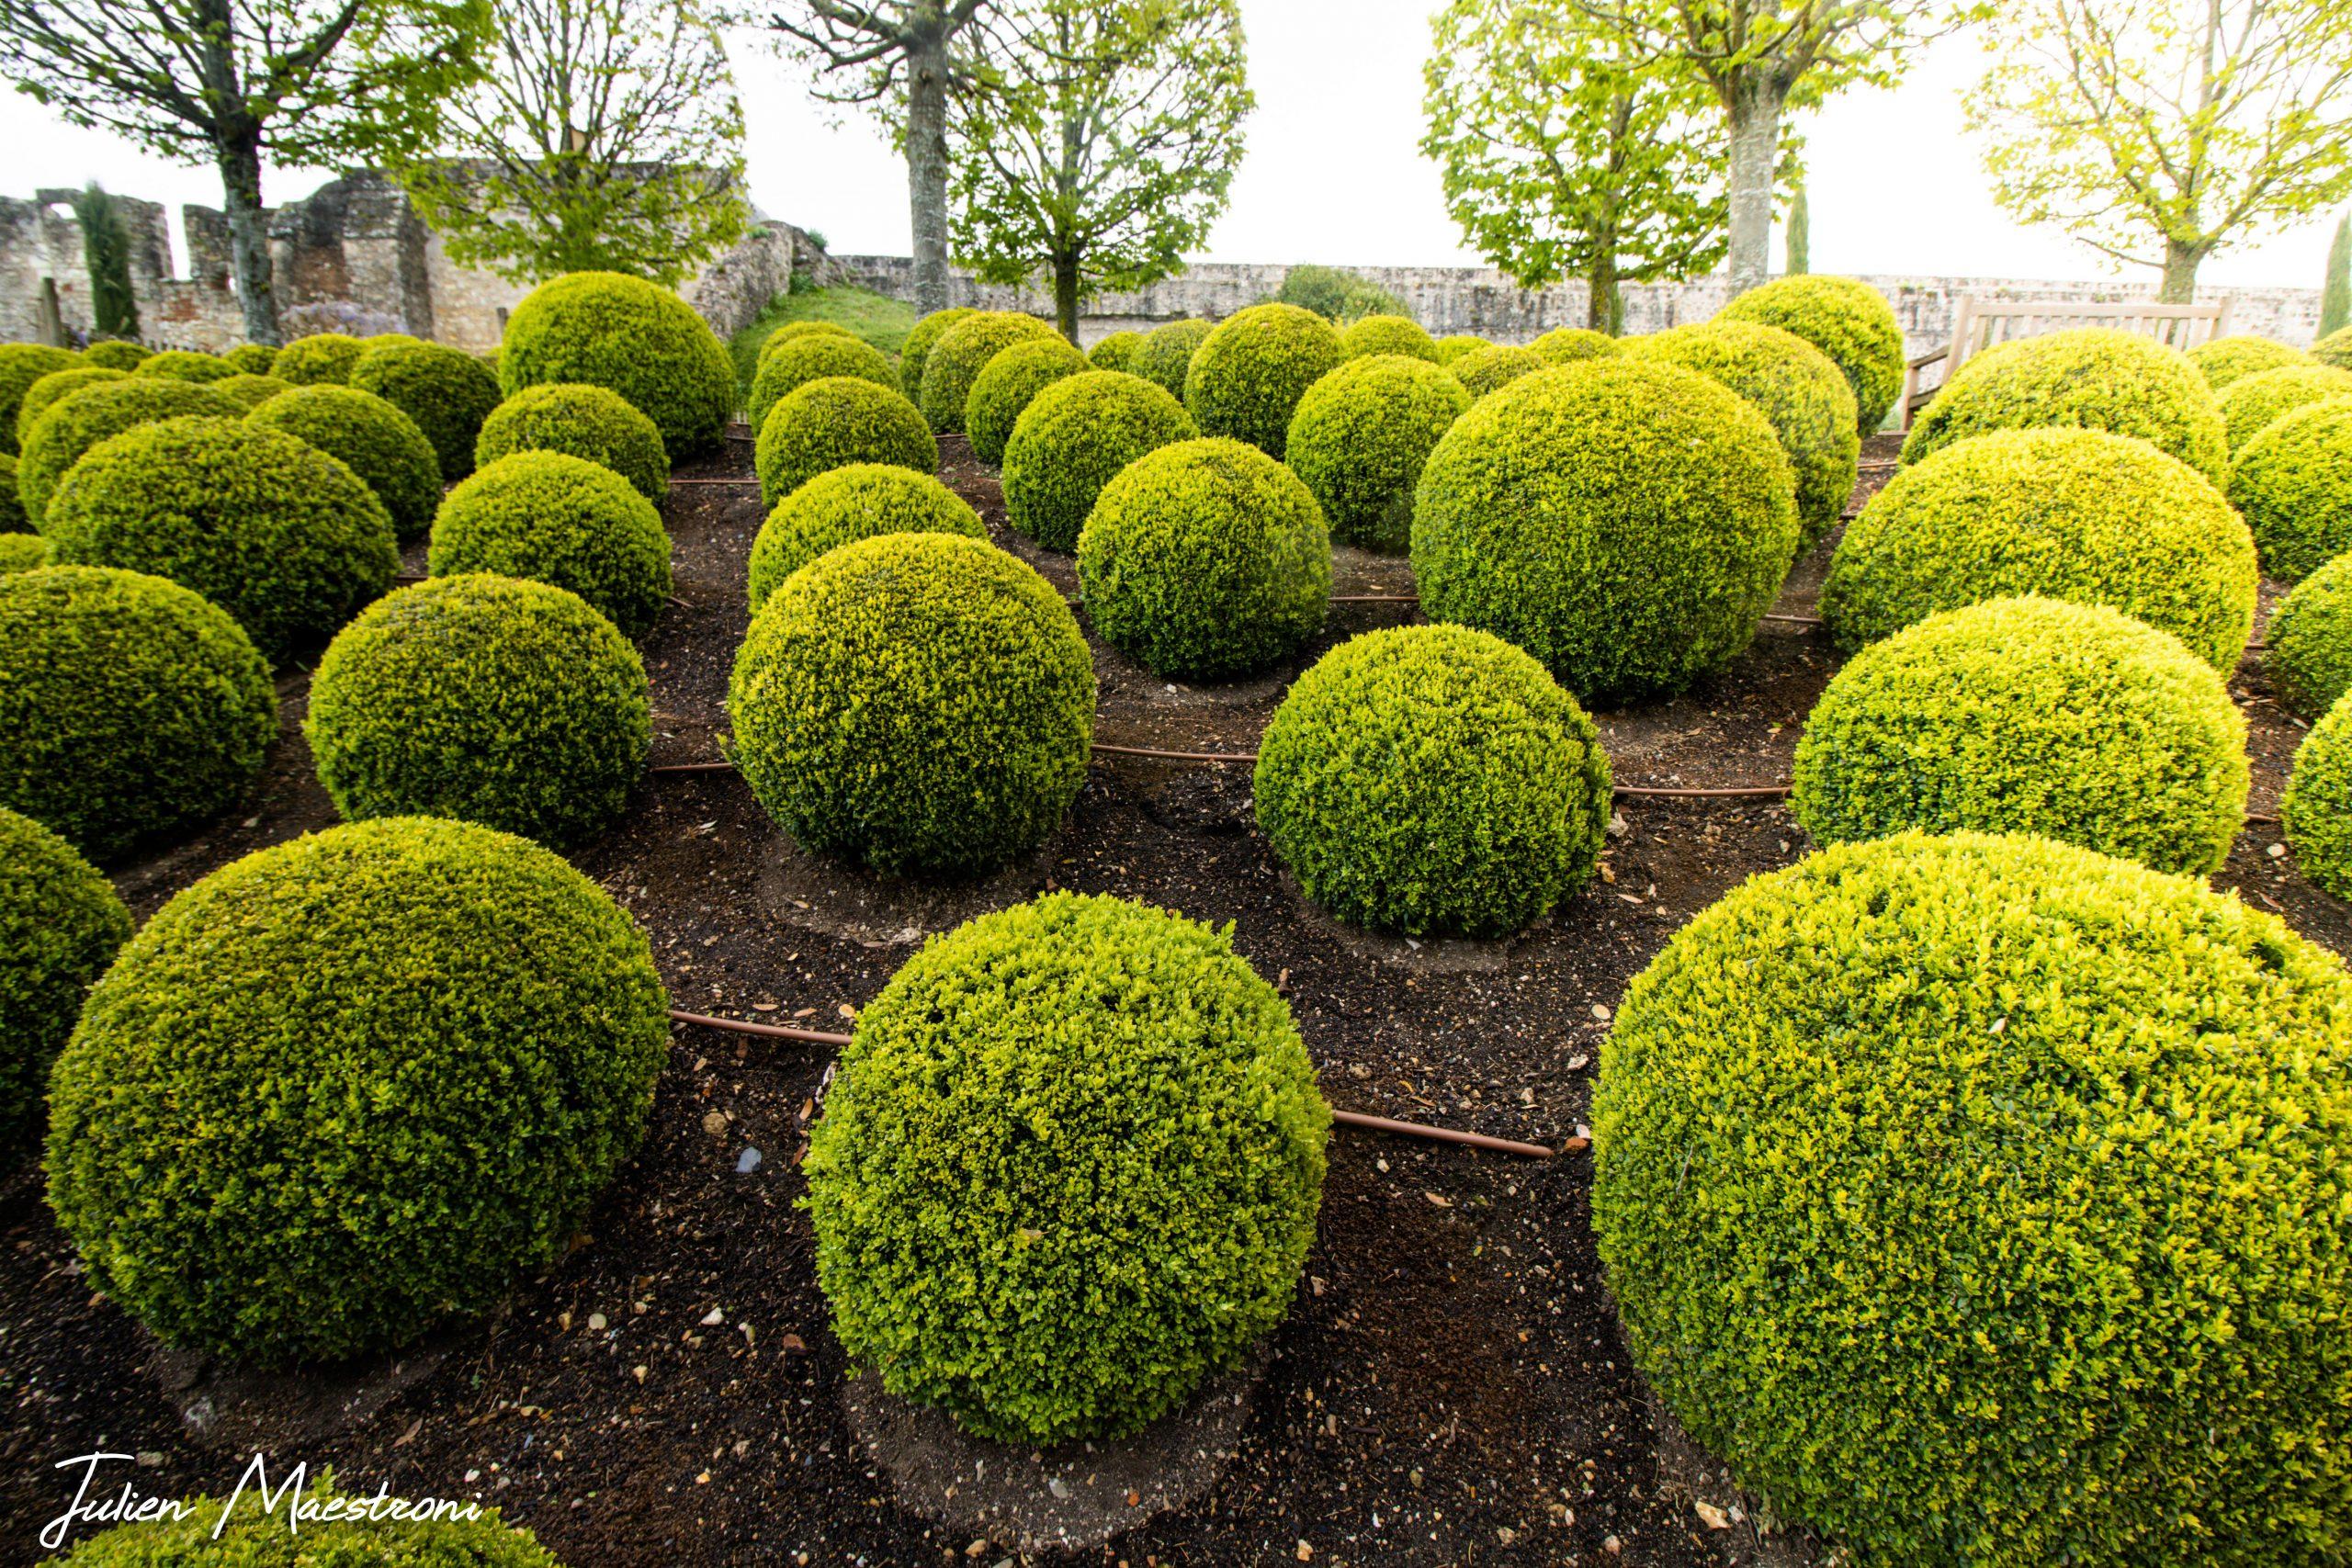 Jardins d'Amboise